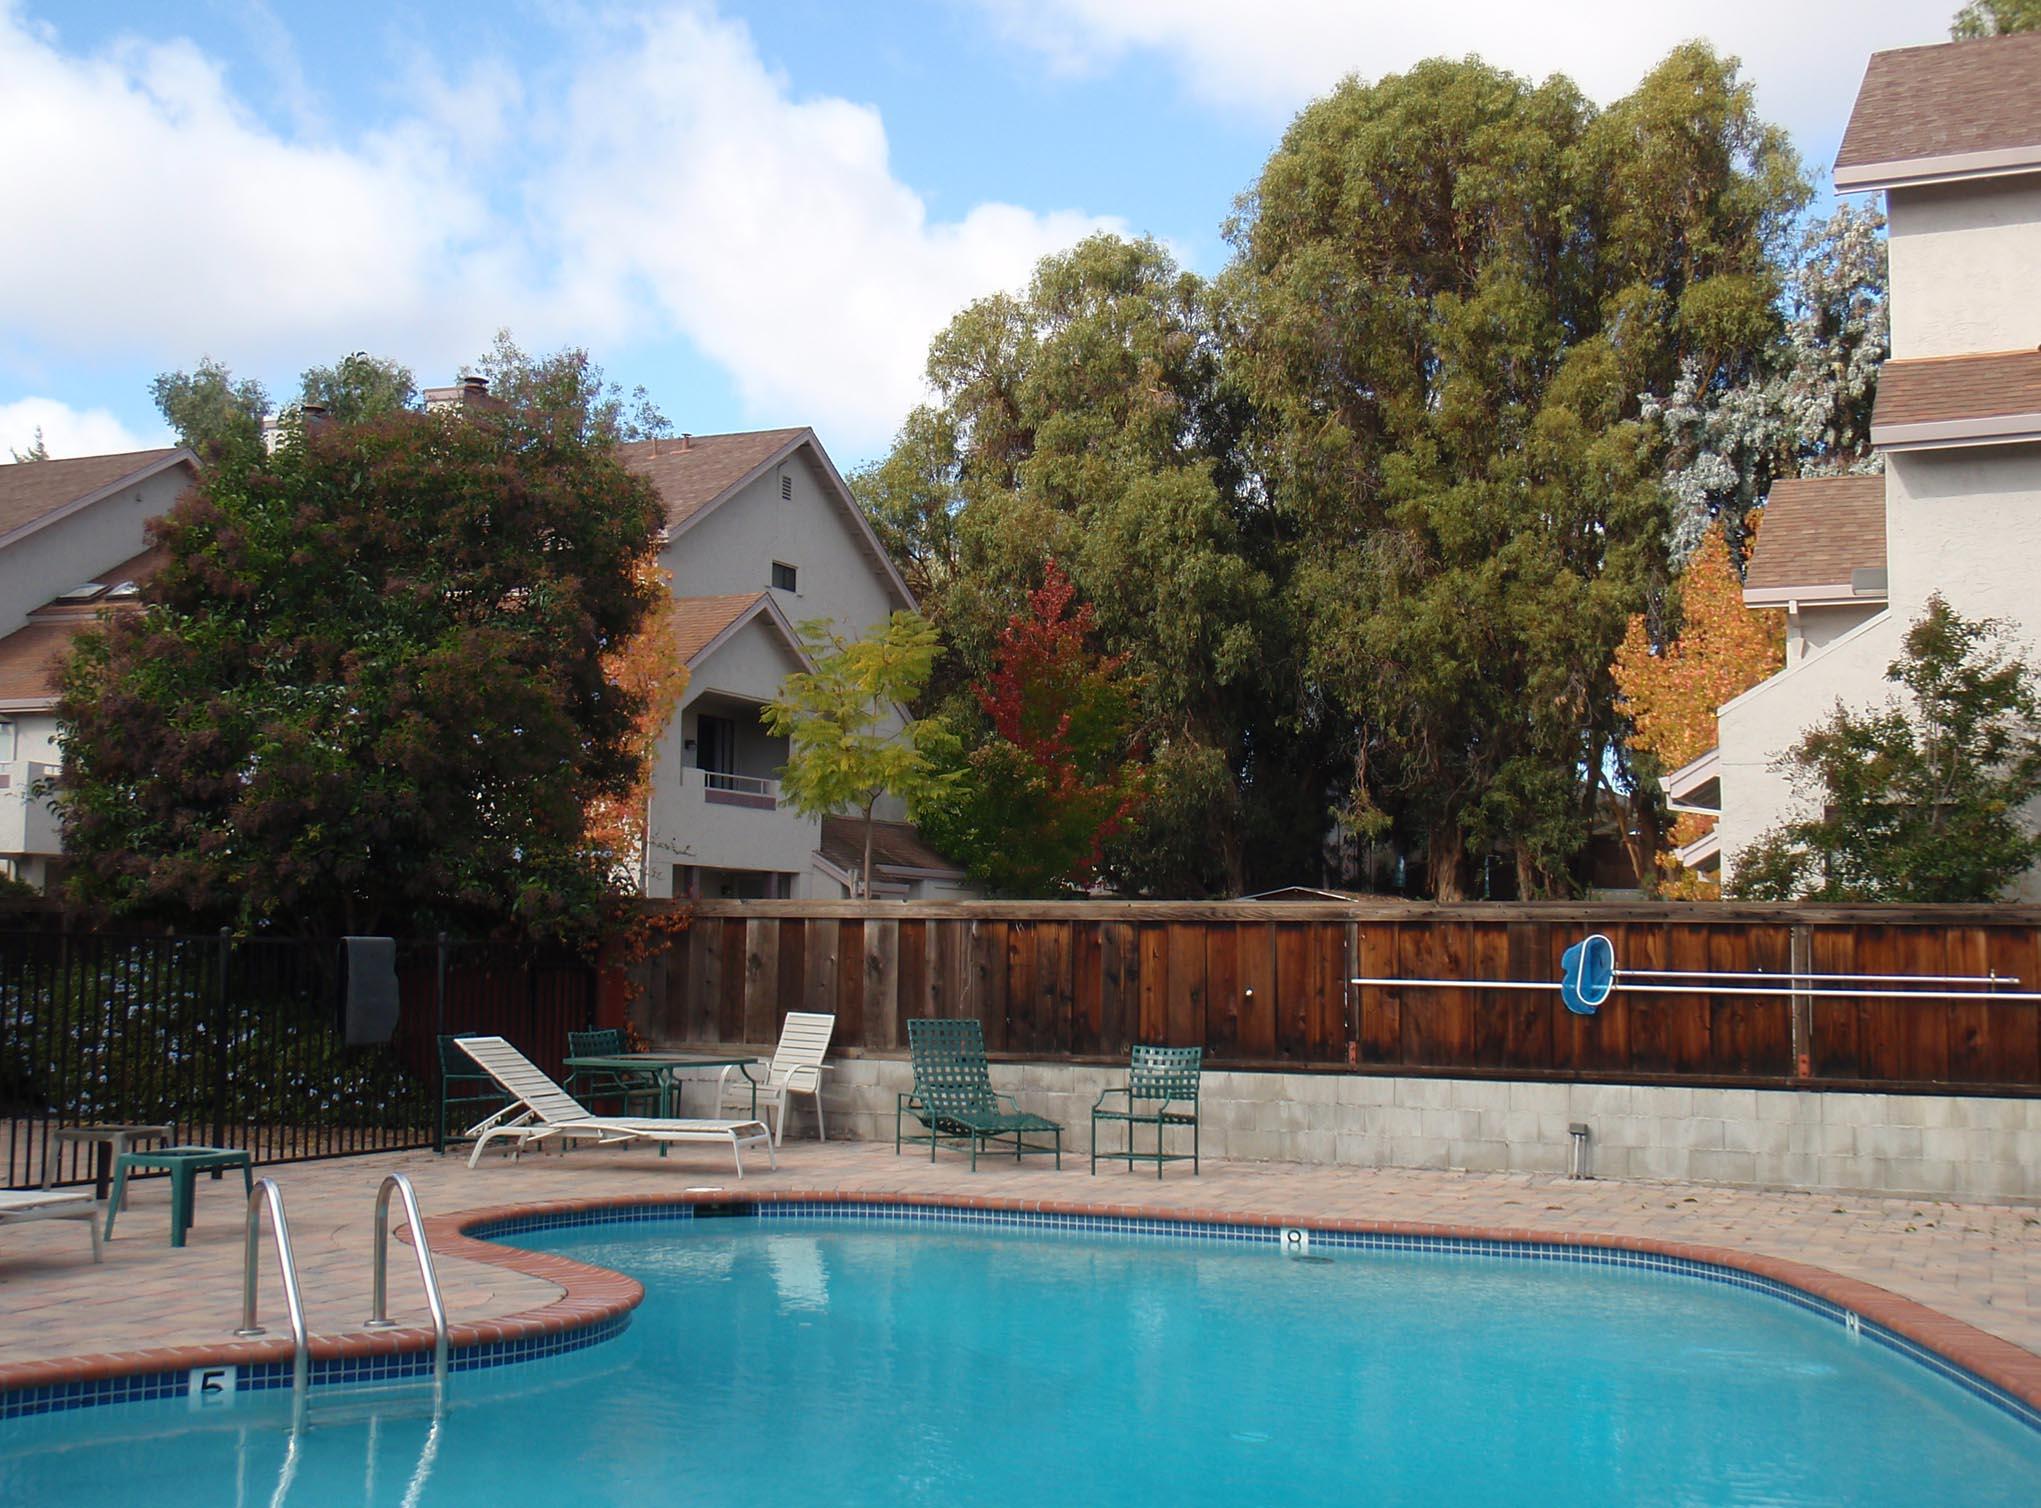 My Pool in the Fall